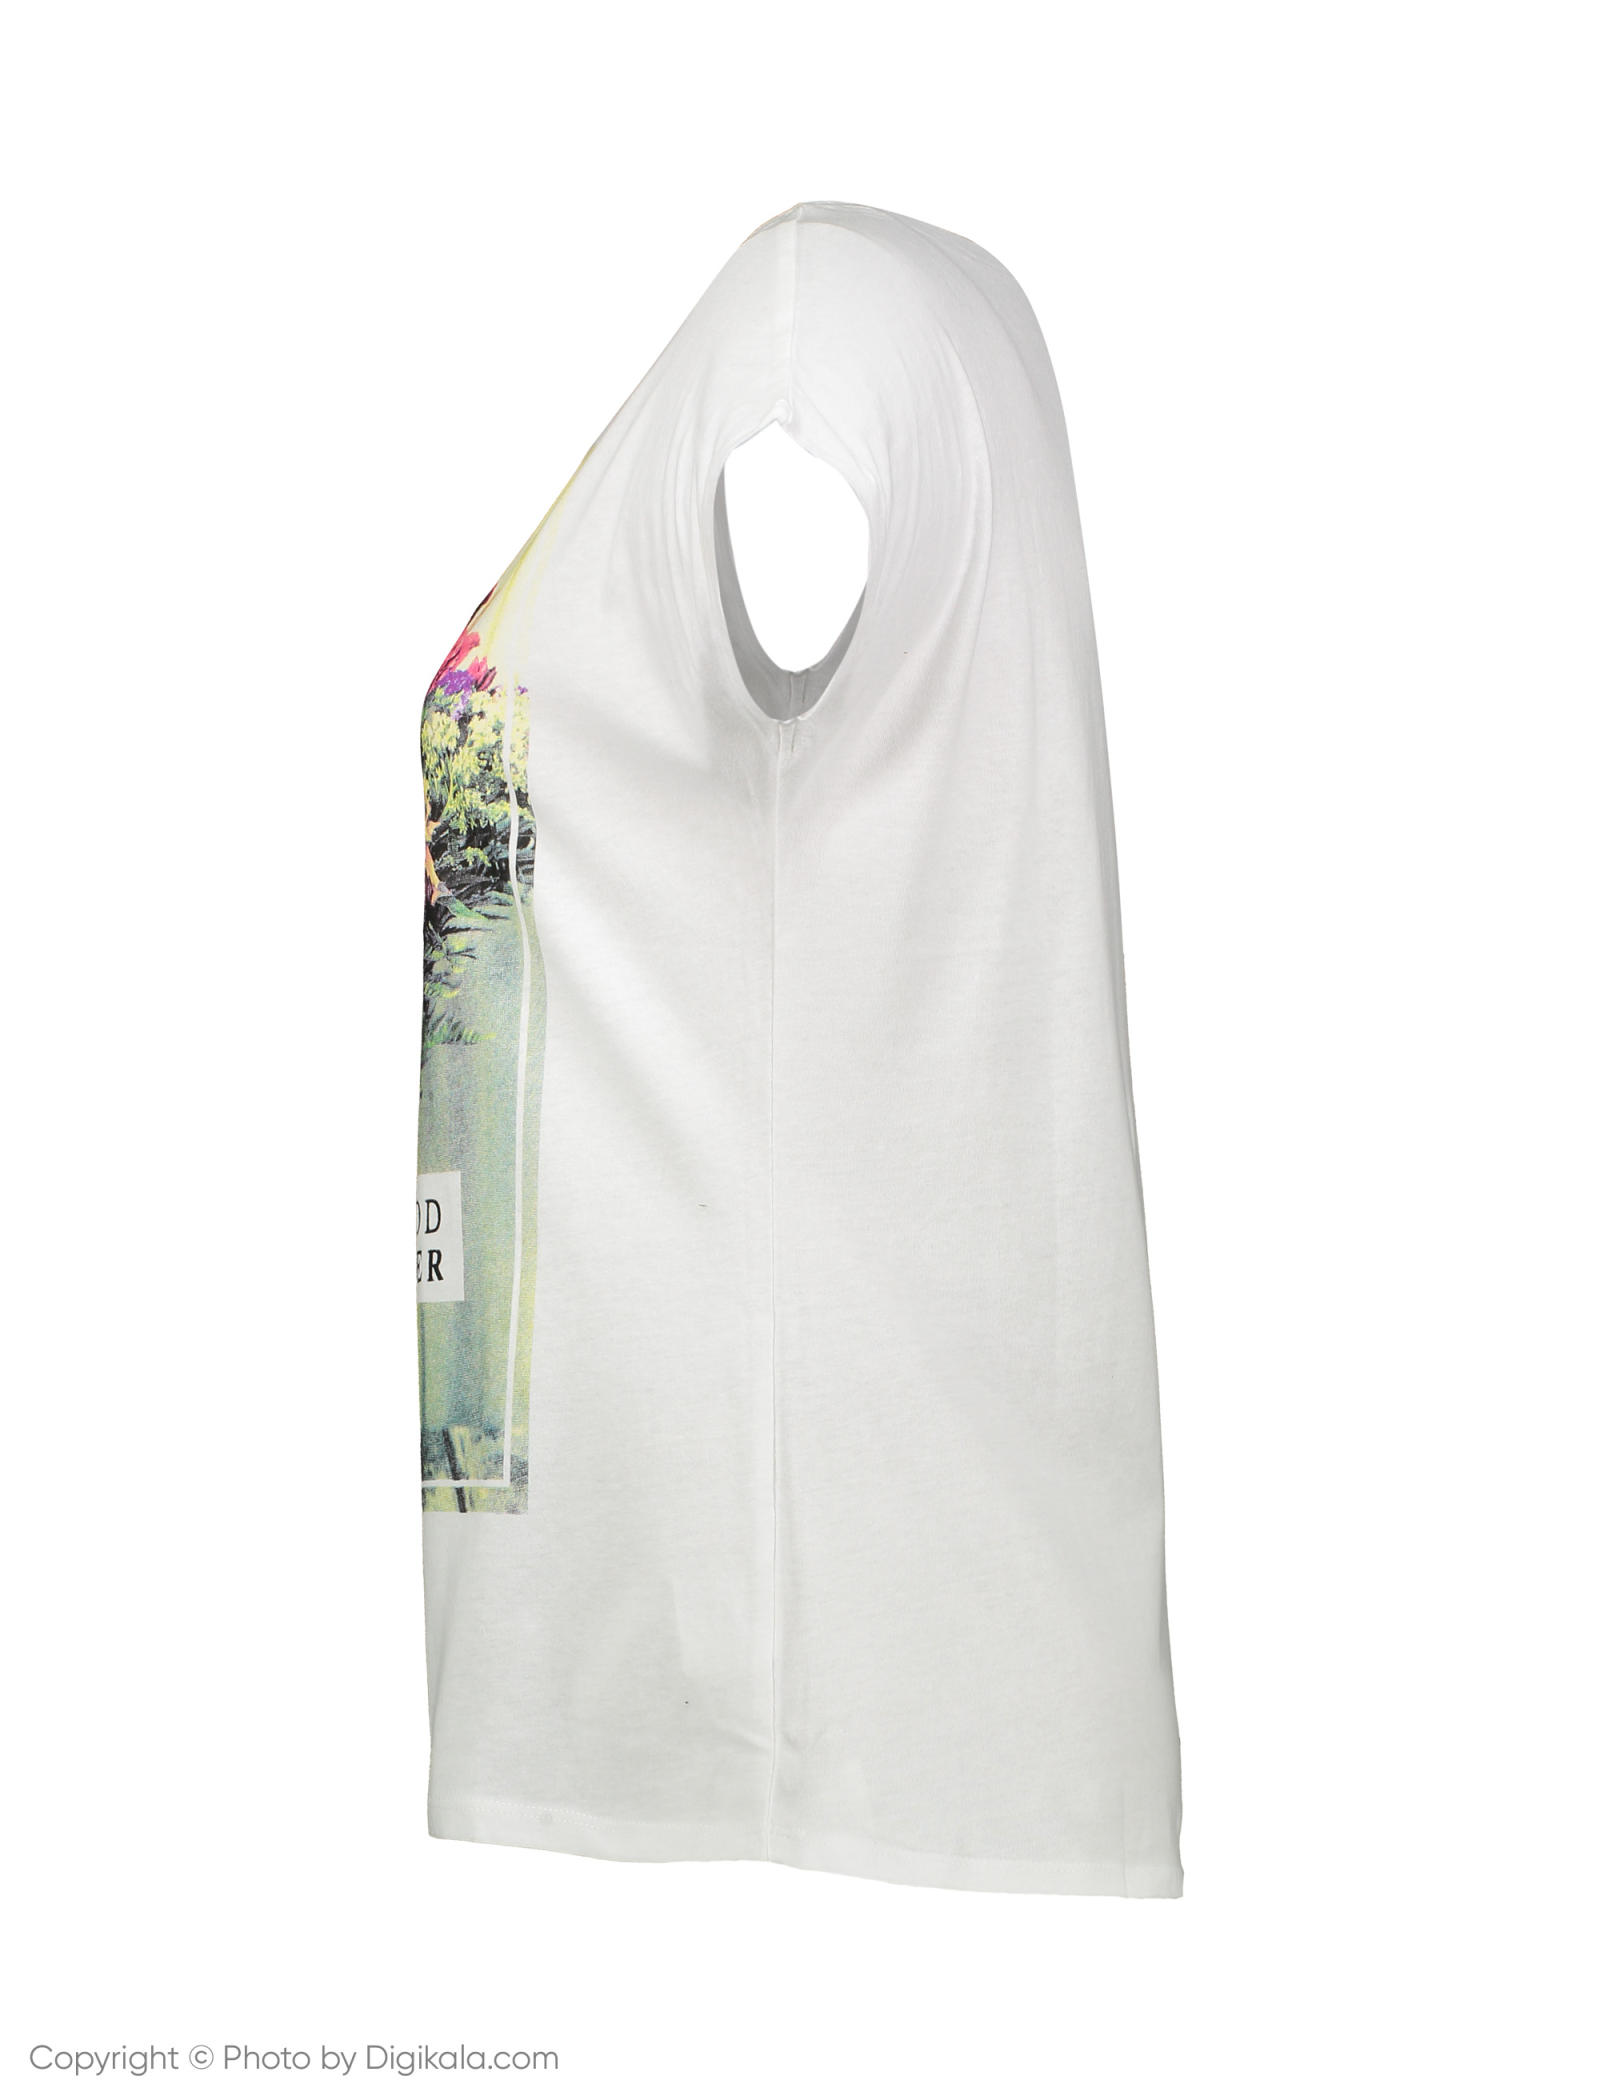 تی شرت زنانه یوپیم مدل 5137387 -  - 2